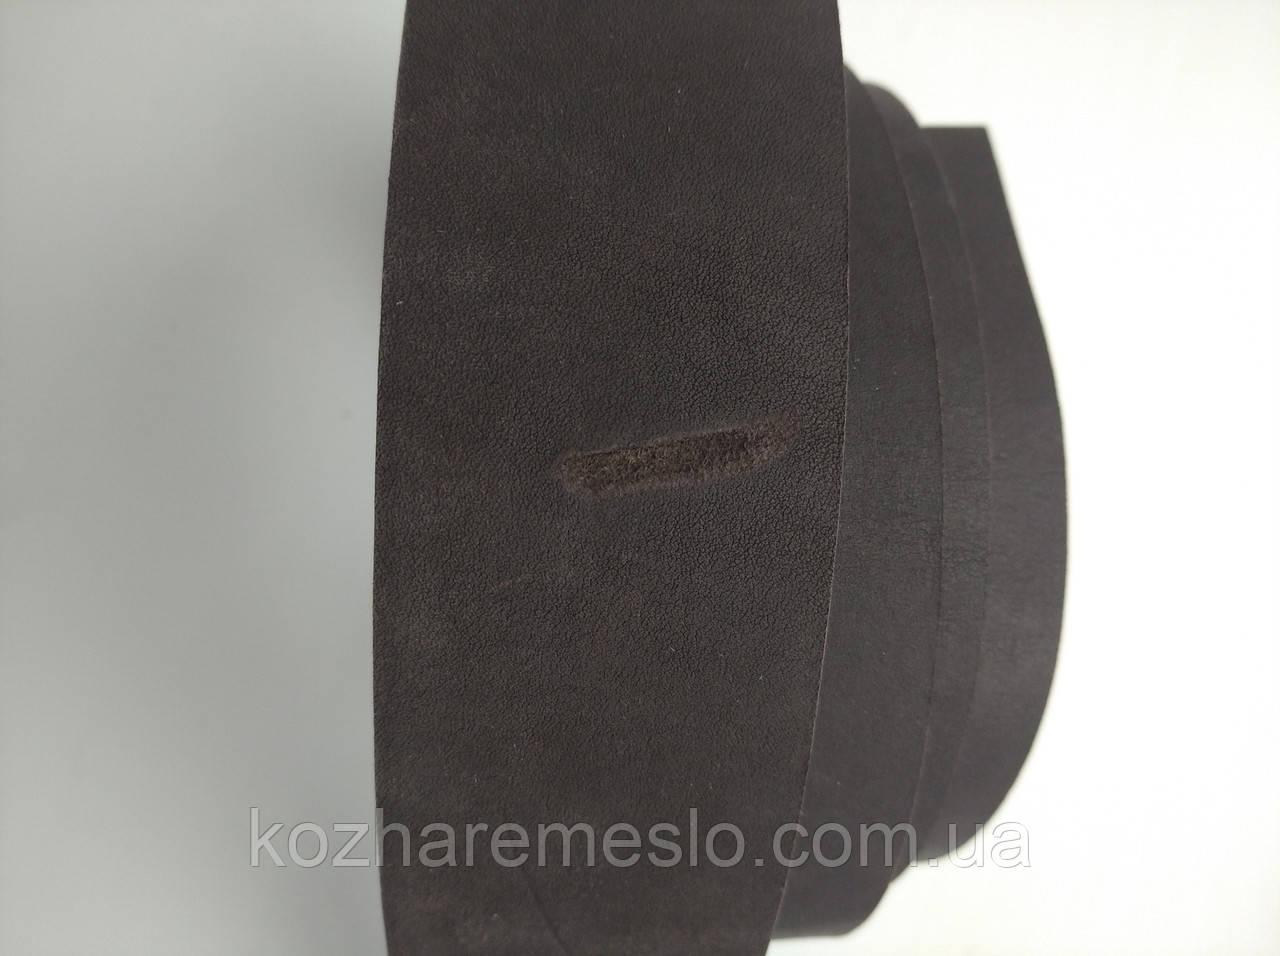 Ременная полоса из кожи хромового дубления  КРАСТ 45 мм, толщина 3,6 - 4,0 мм (УКРАИНА) тёмно-коричневый